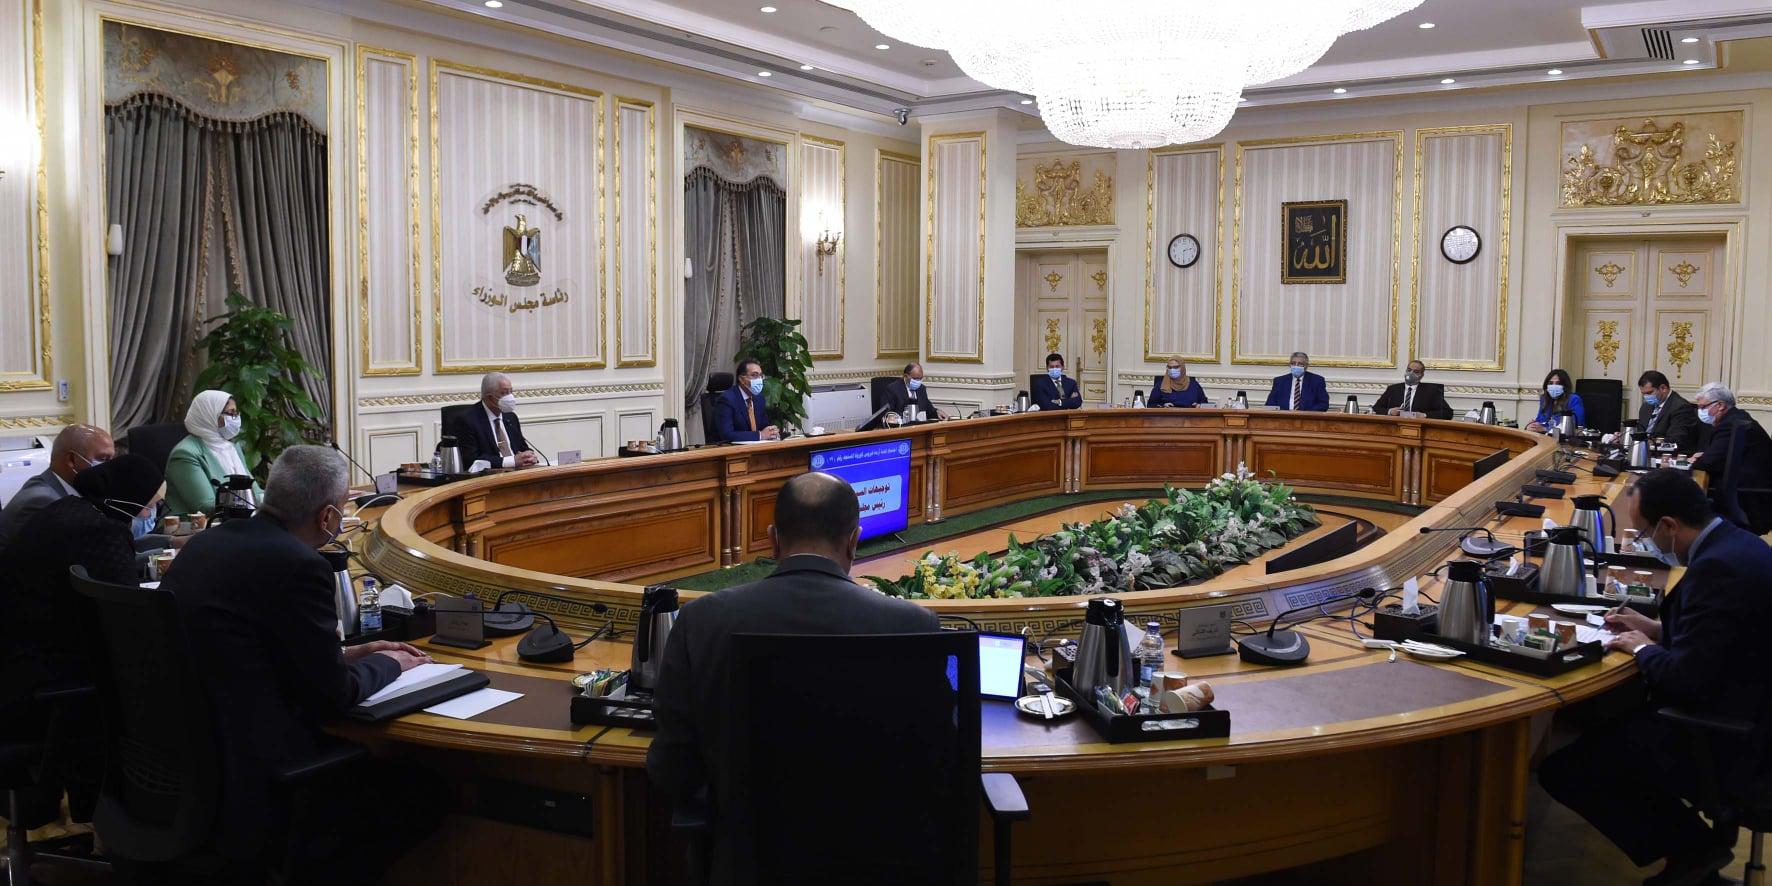 توجيه عاجل من رئيس الوزراء بشأن تخفيض أعداد الموظفين بالوزارات وجميع الجهات الحكومية 3